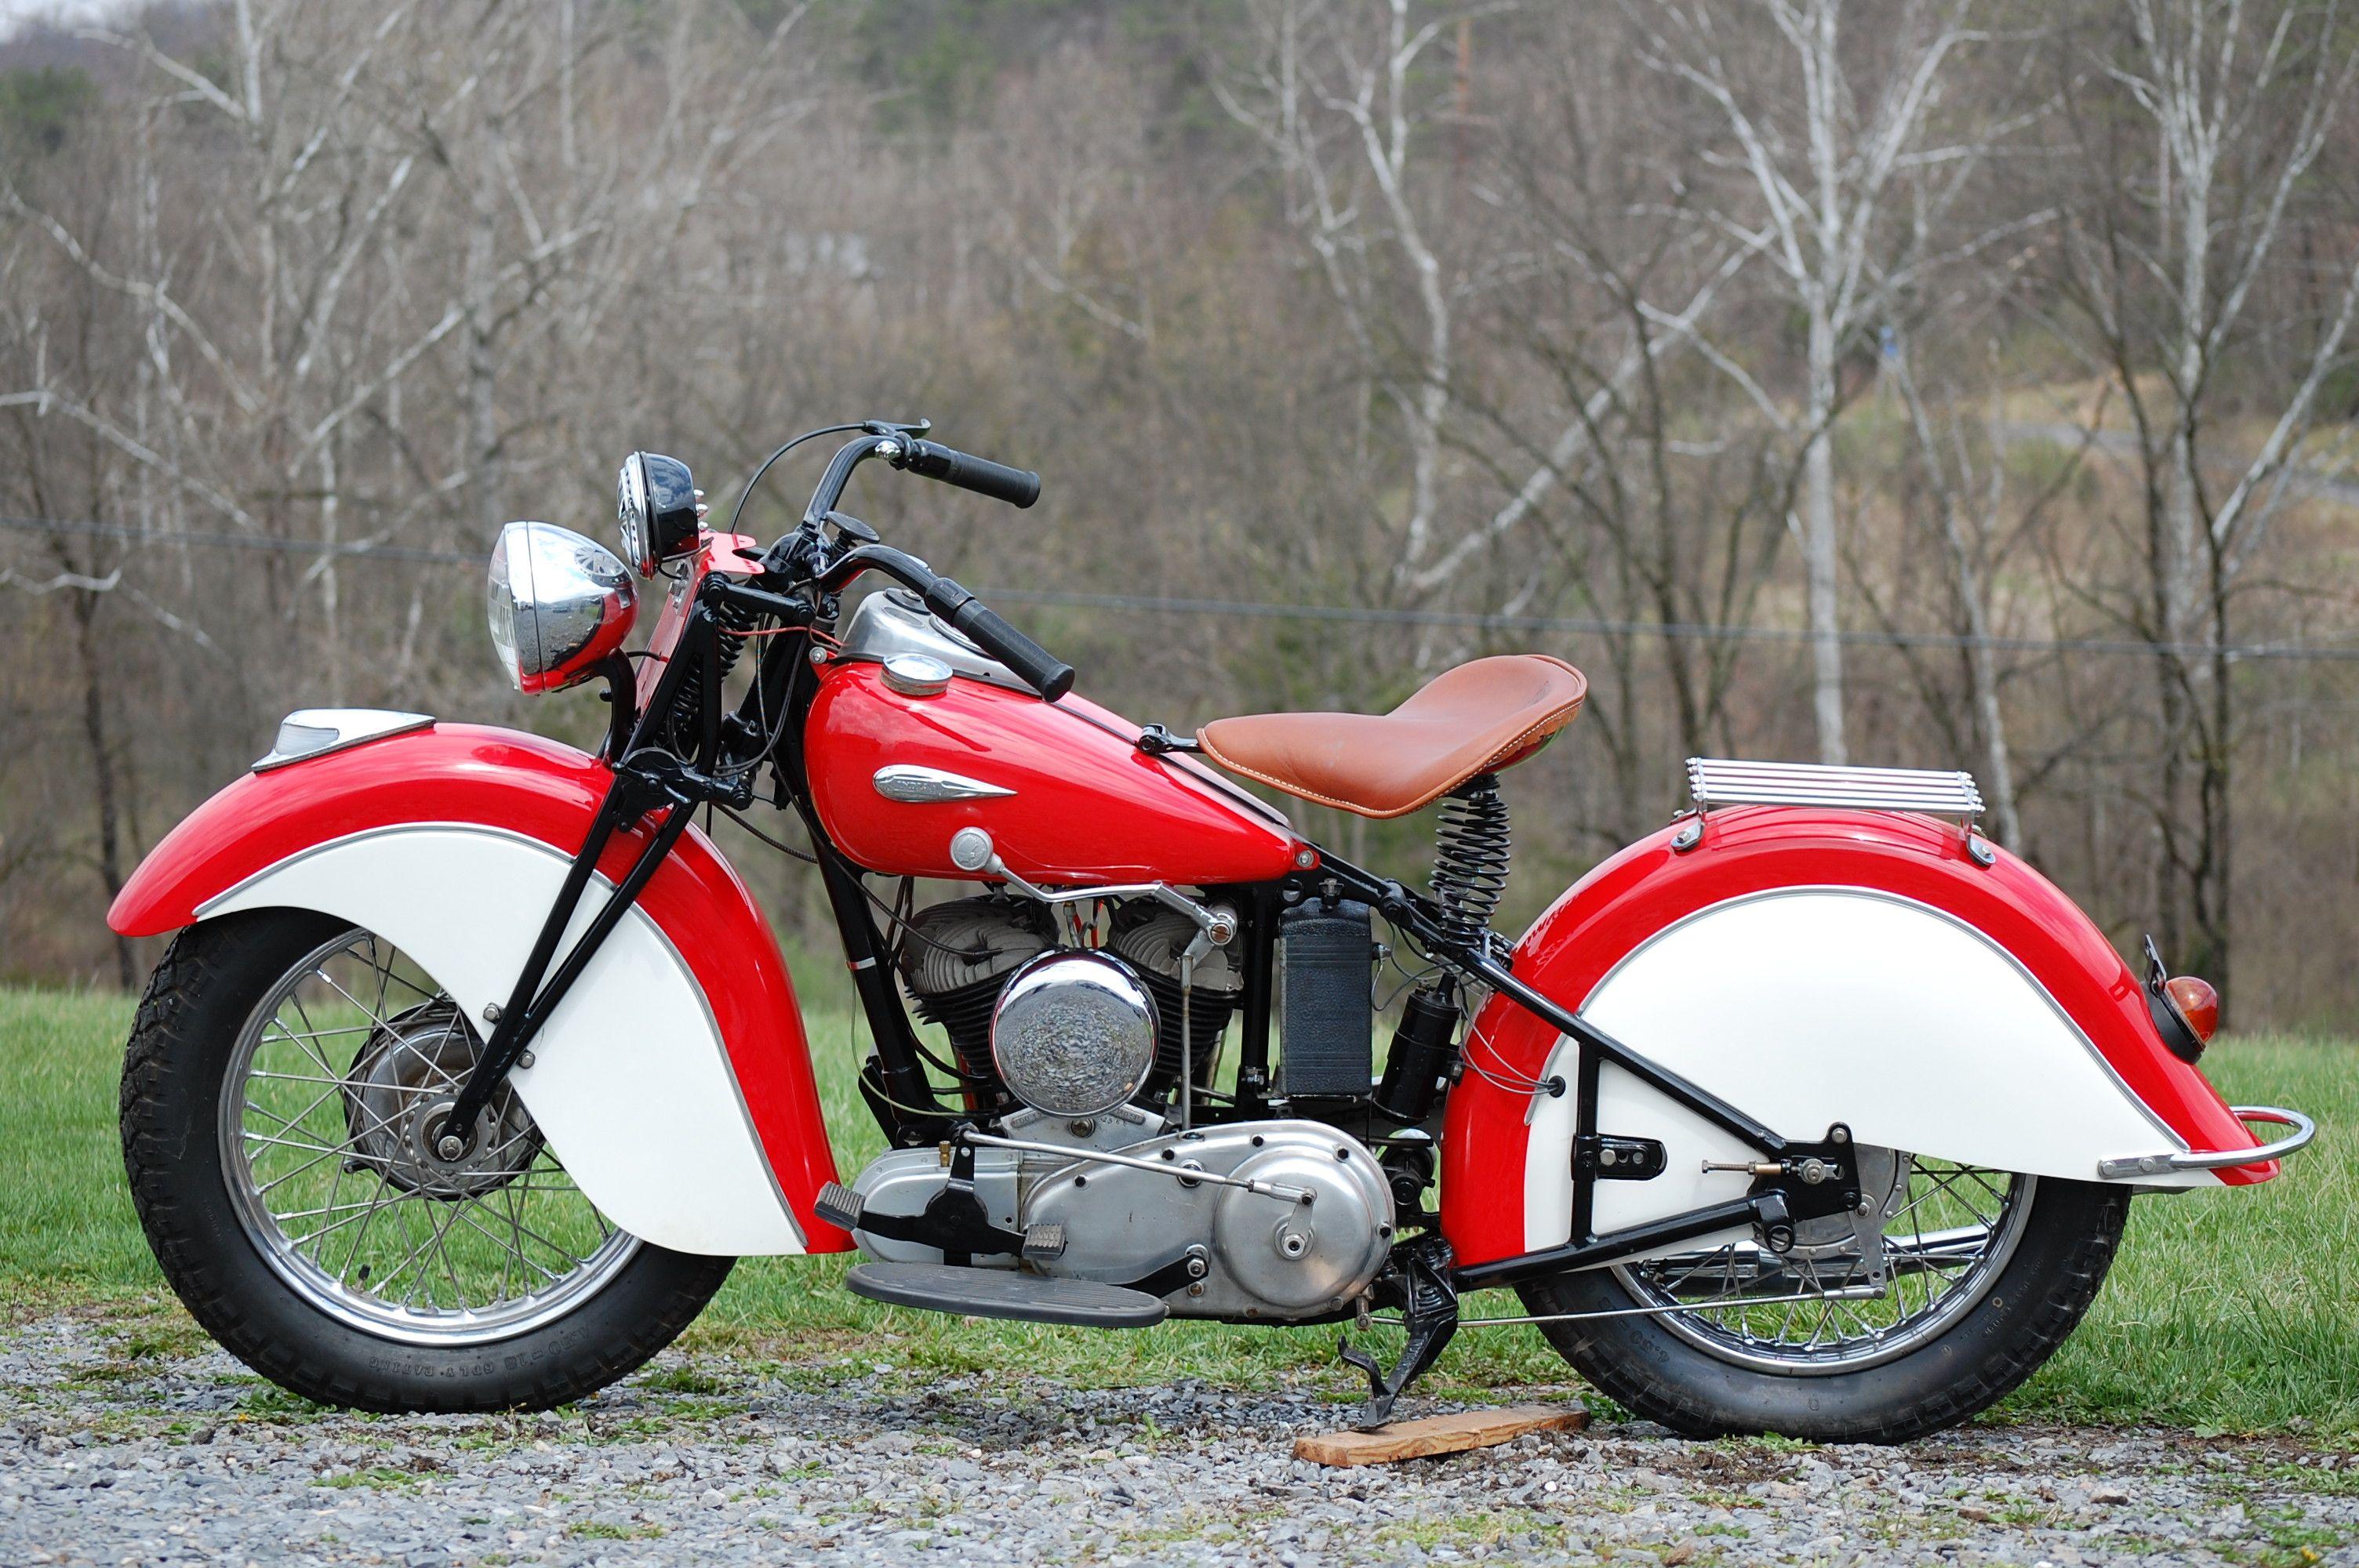 1936 1940 Conversion Indian Sport Scout 45 Cu In 750 Cc